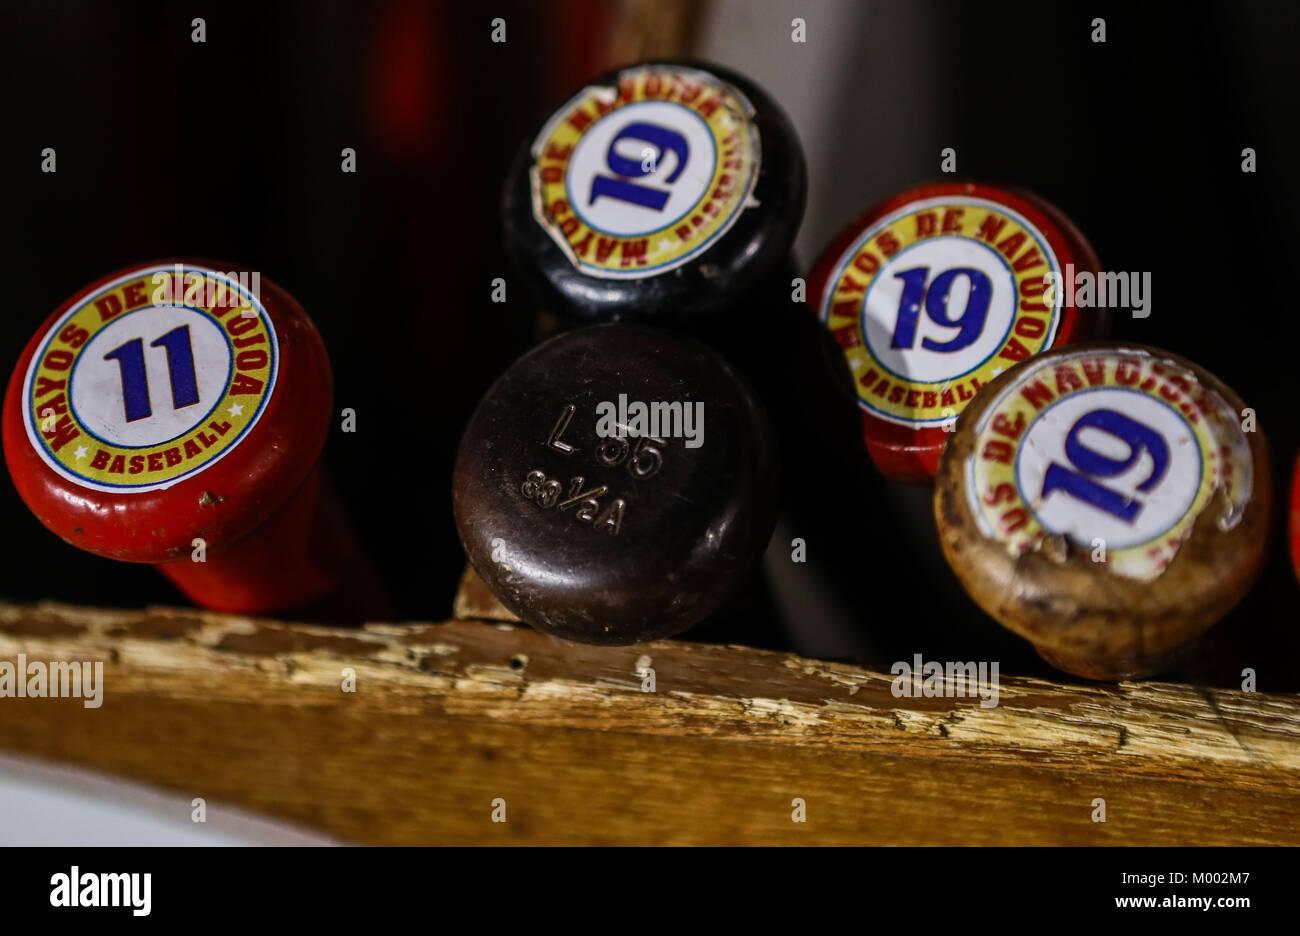 Las mejores de bat y equipo   material deportivos de Mayos de Navojoa 6c5bd4a85b8